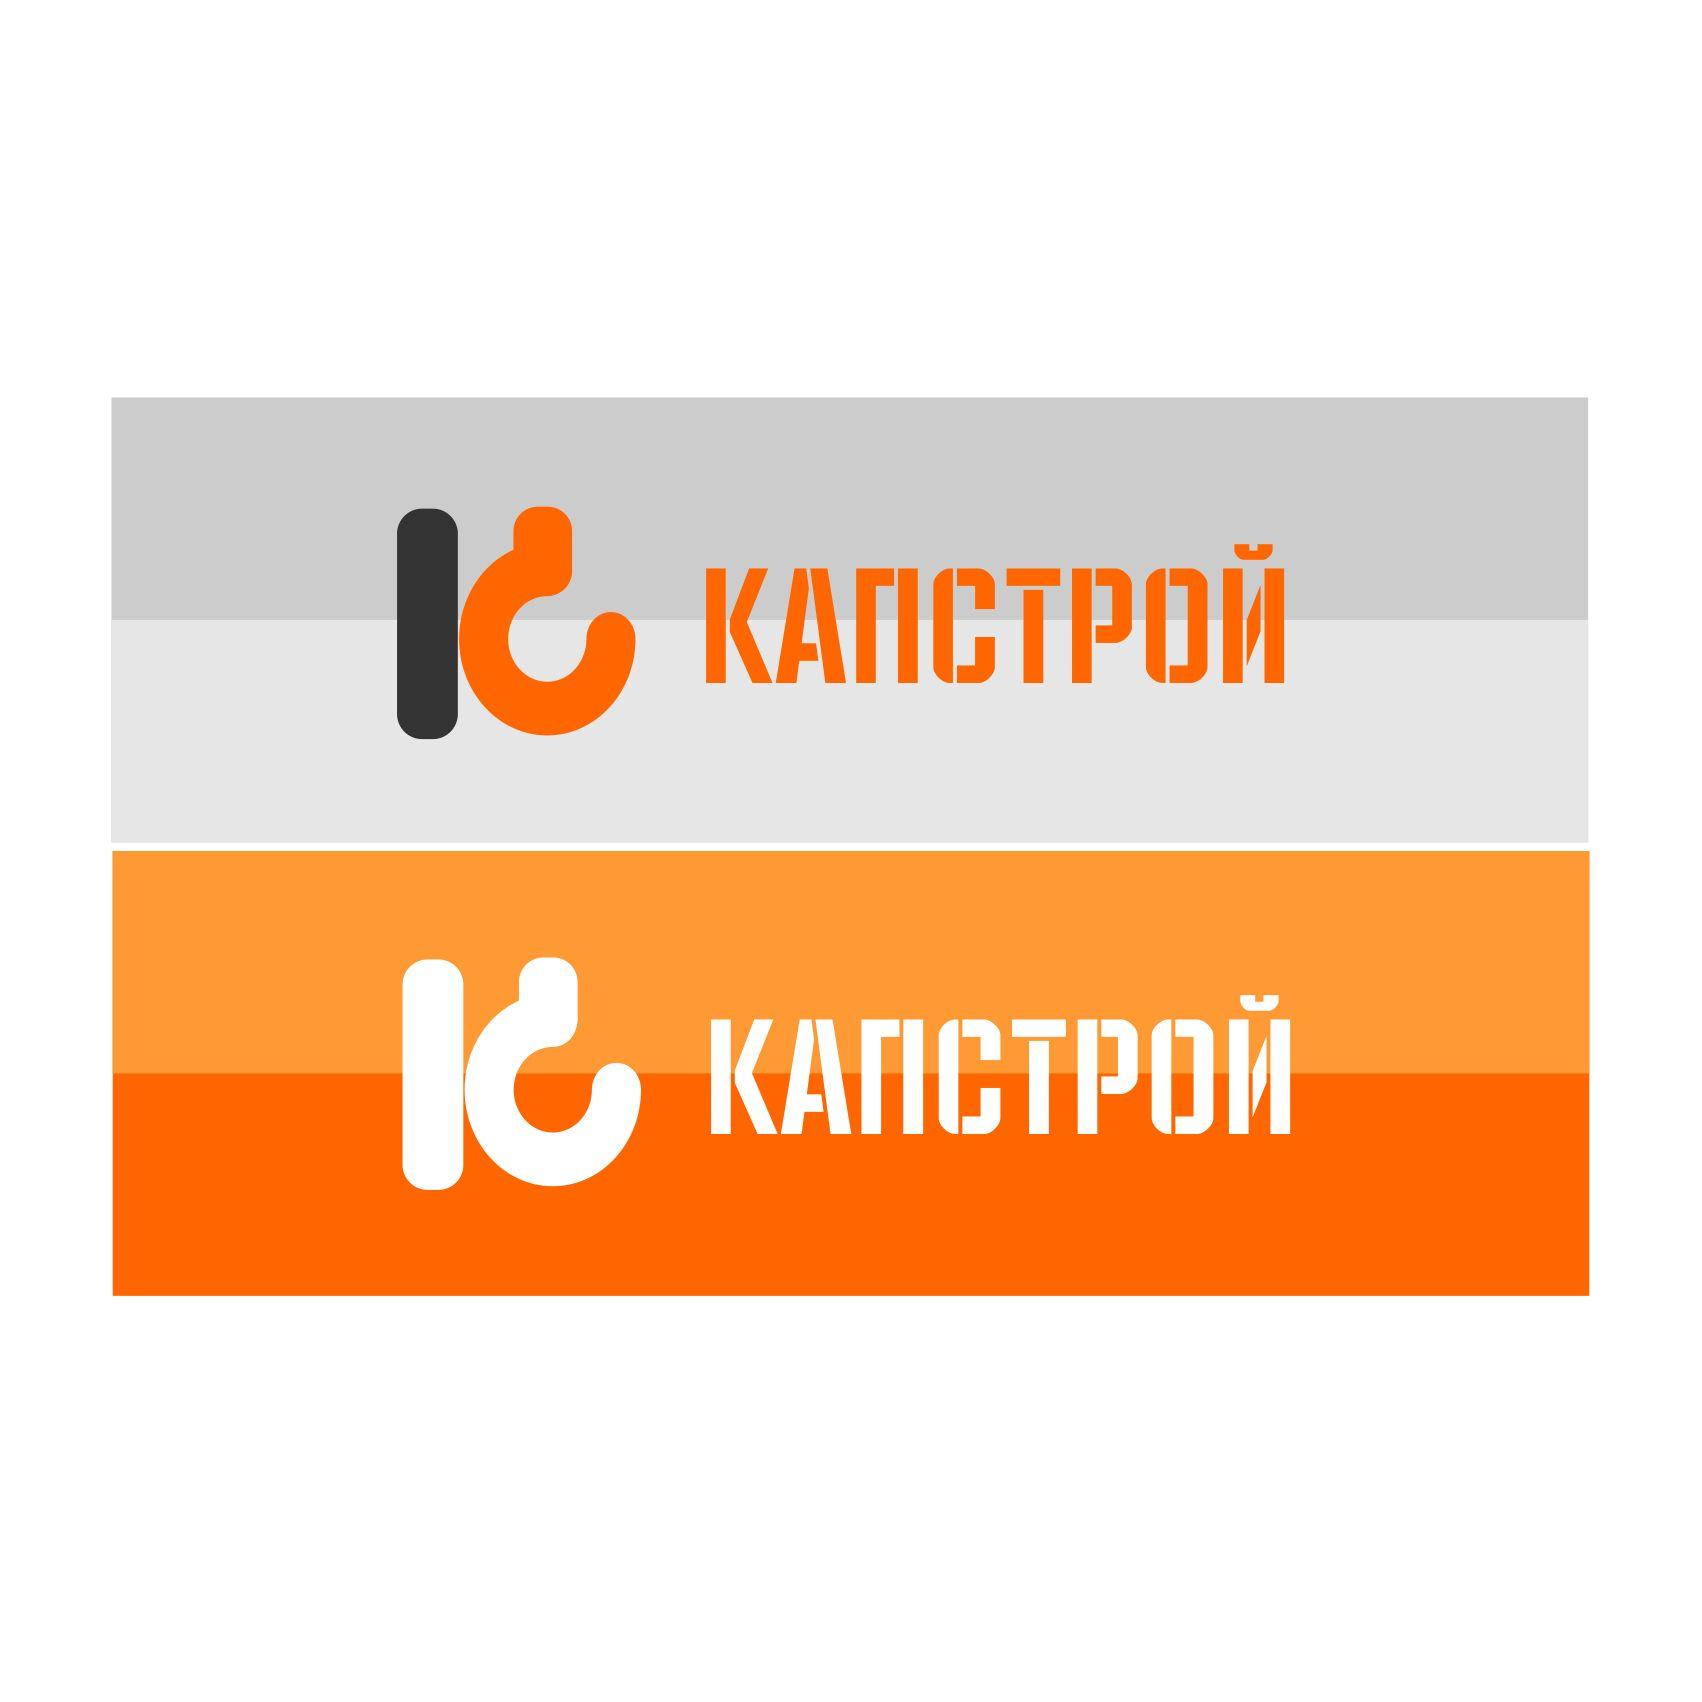 Лого и фирменный стиль для Капстрой  - дизайнер AnatoliyInvito